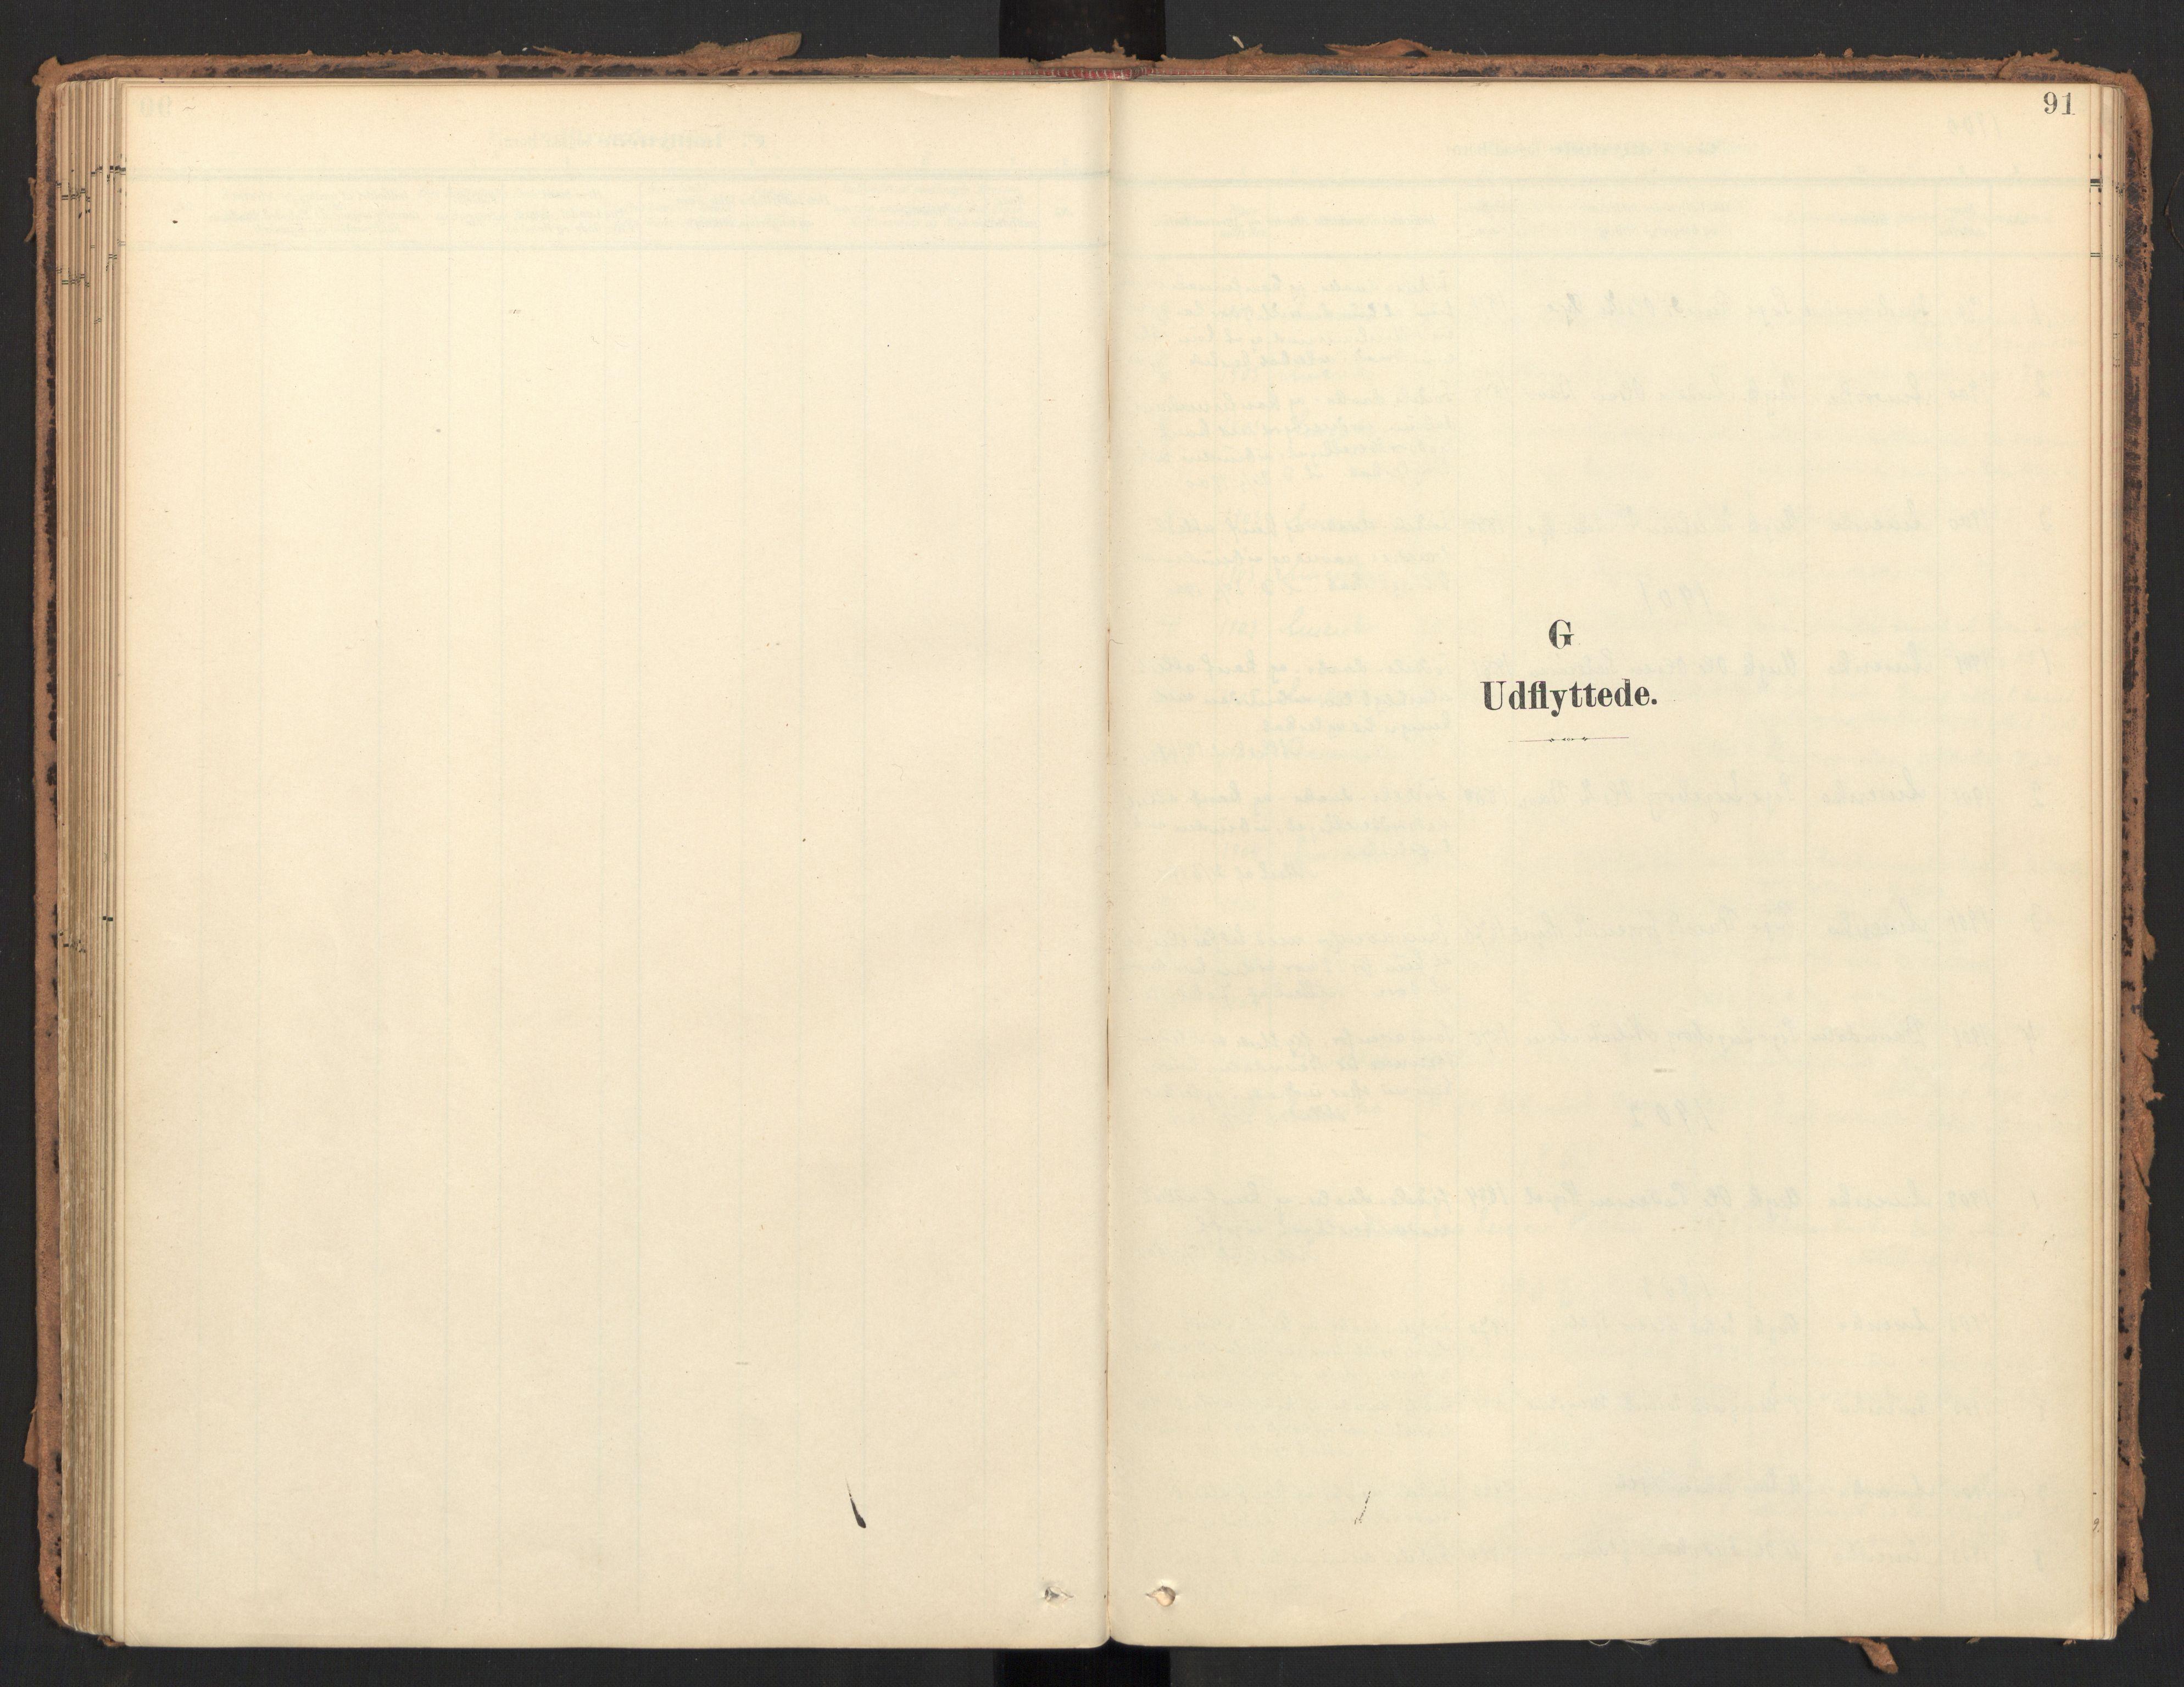 SAT, Ministerialprotokoller, klokkerbøker og fødselsregistre - Møre og Romsdal, 595/L1048: Parish register (official) no. 595A10, 1900-1917, p. 91